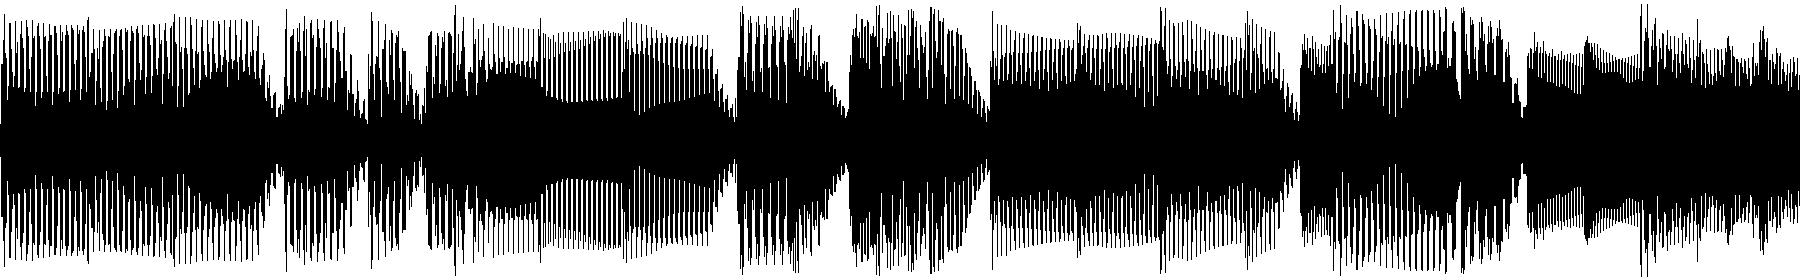 246326 cosmic5 wav